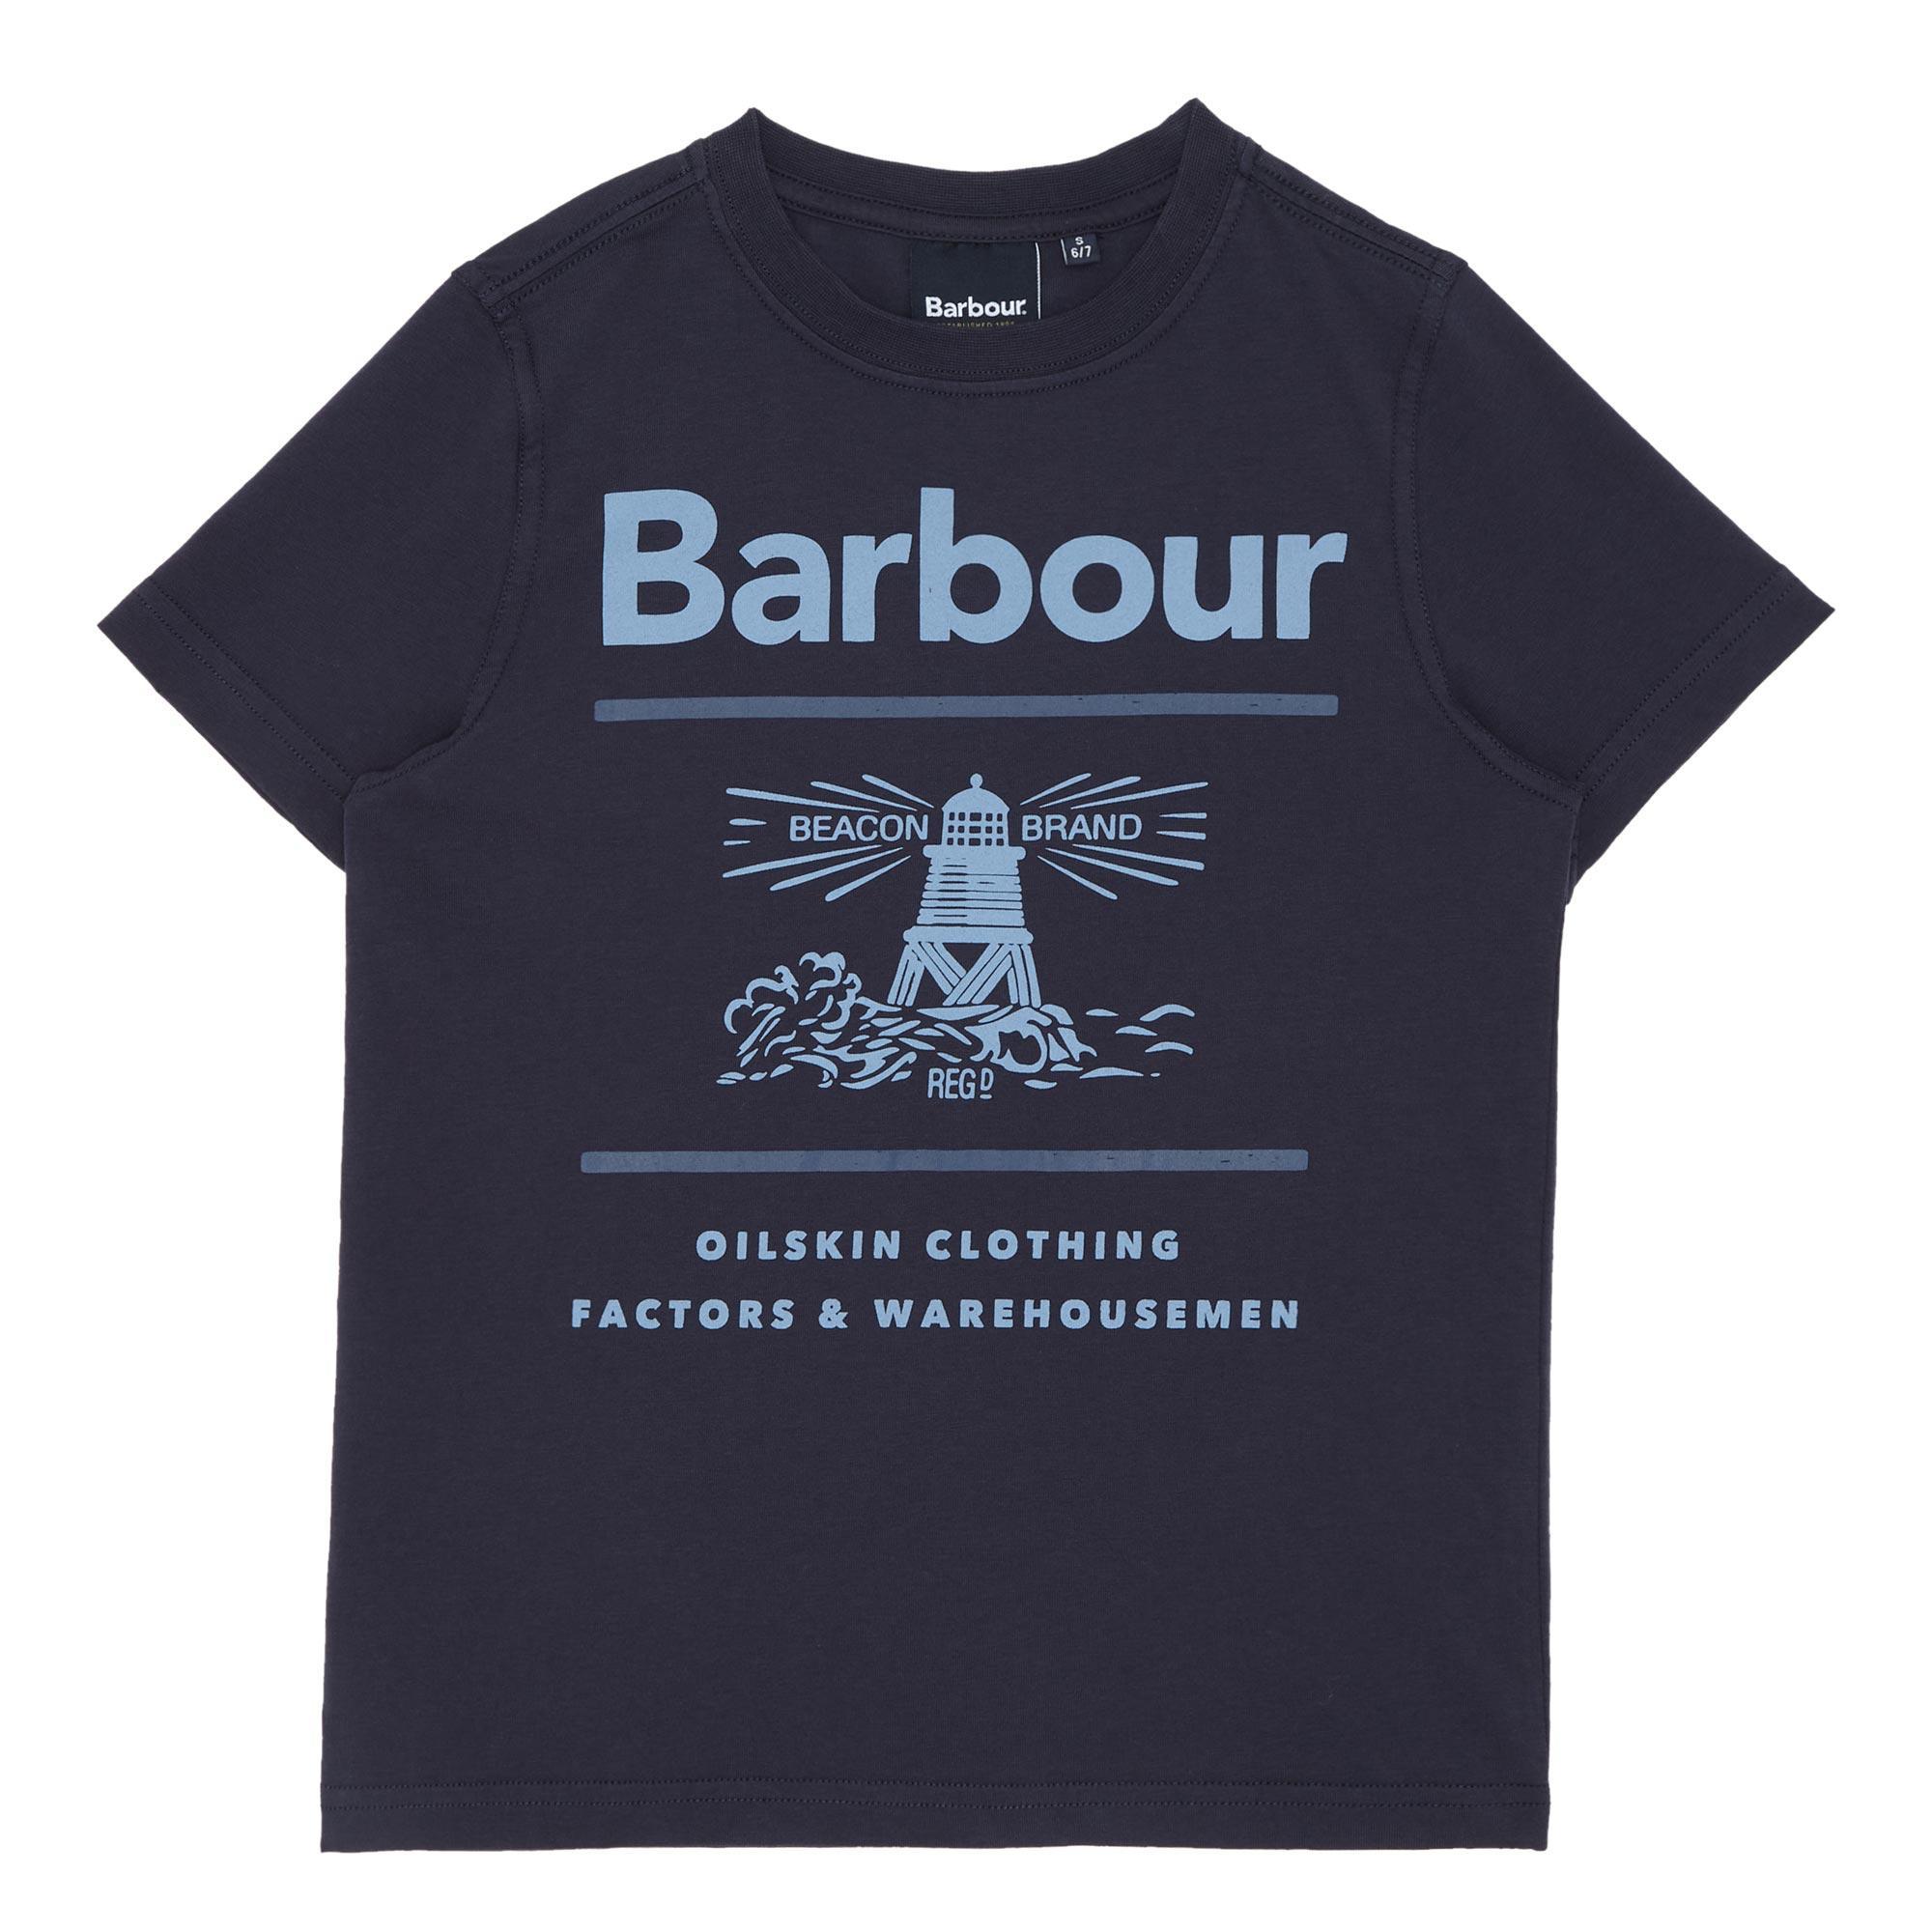 Beacon Cotton T-shirt